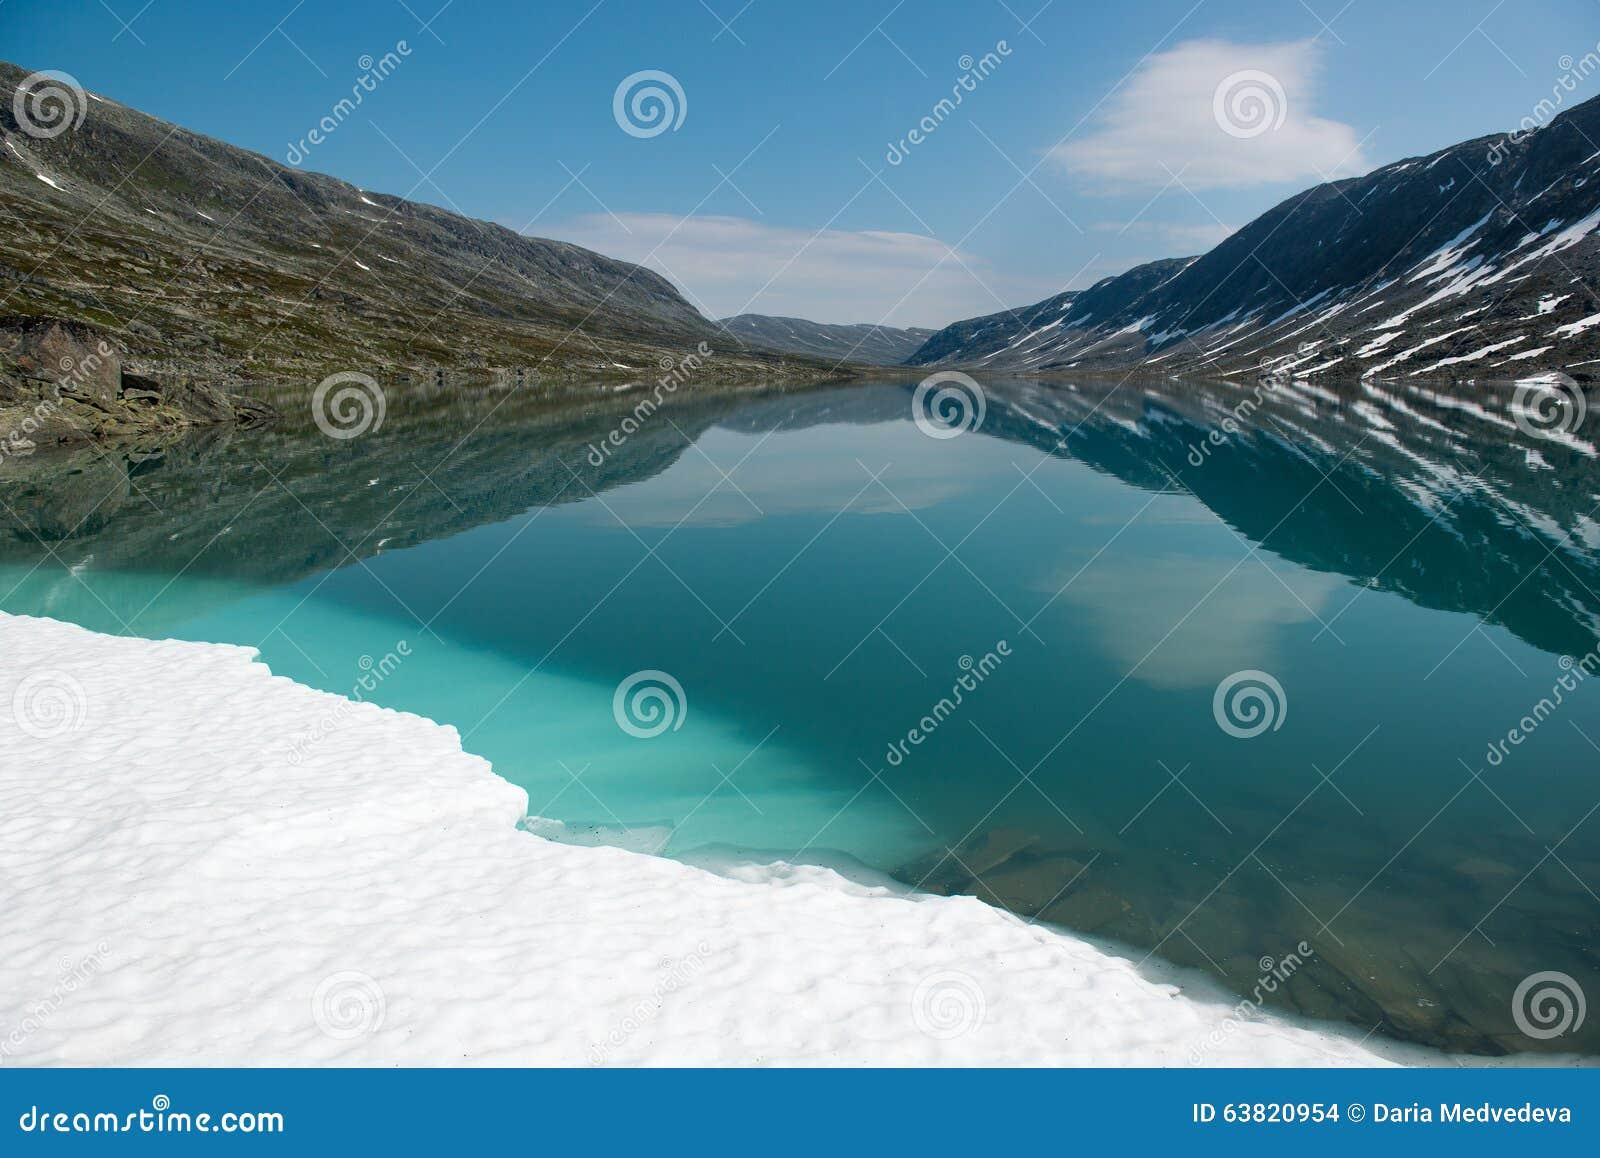 环境美化与山湖并且下雪,挪威